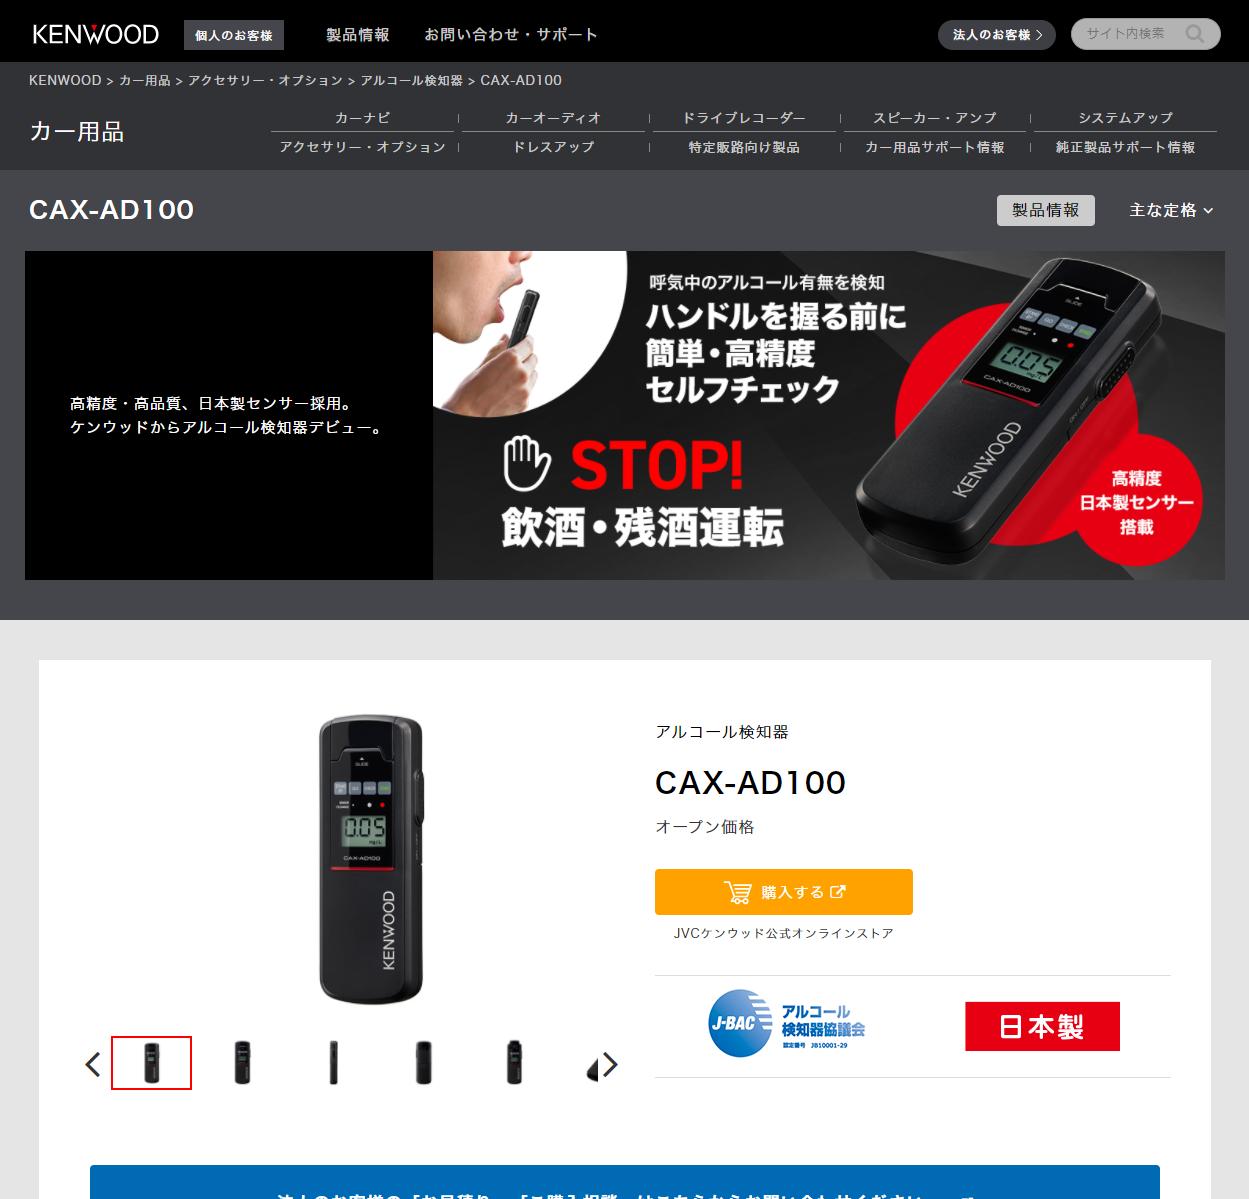 CAX-AD100(株式会社JVCケンウッド)の口コミや評判